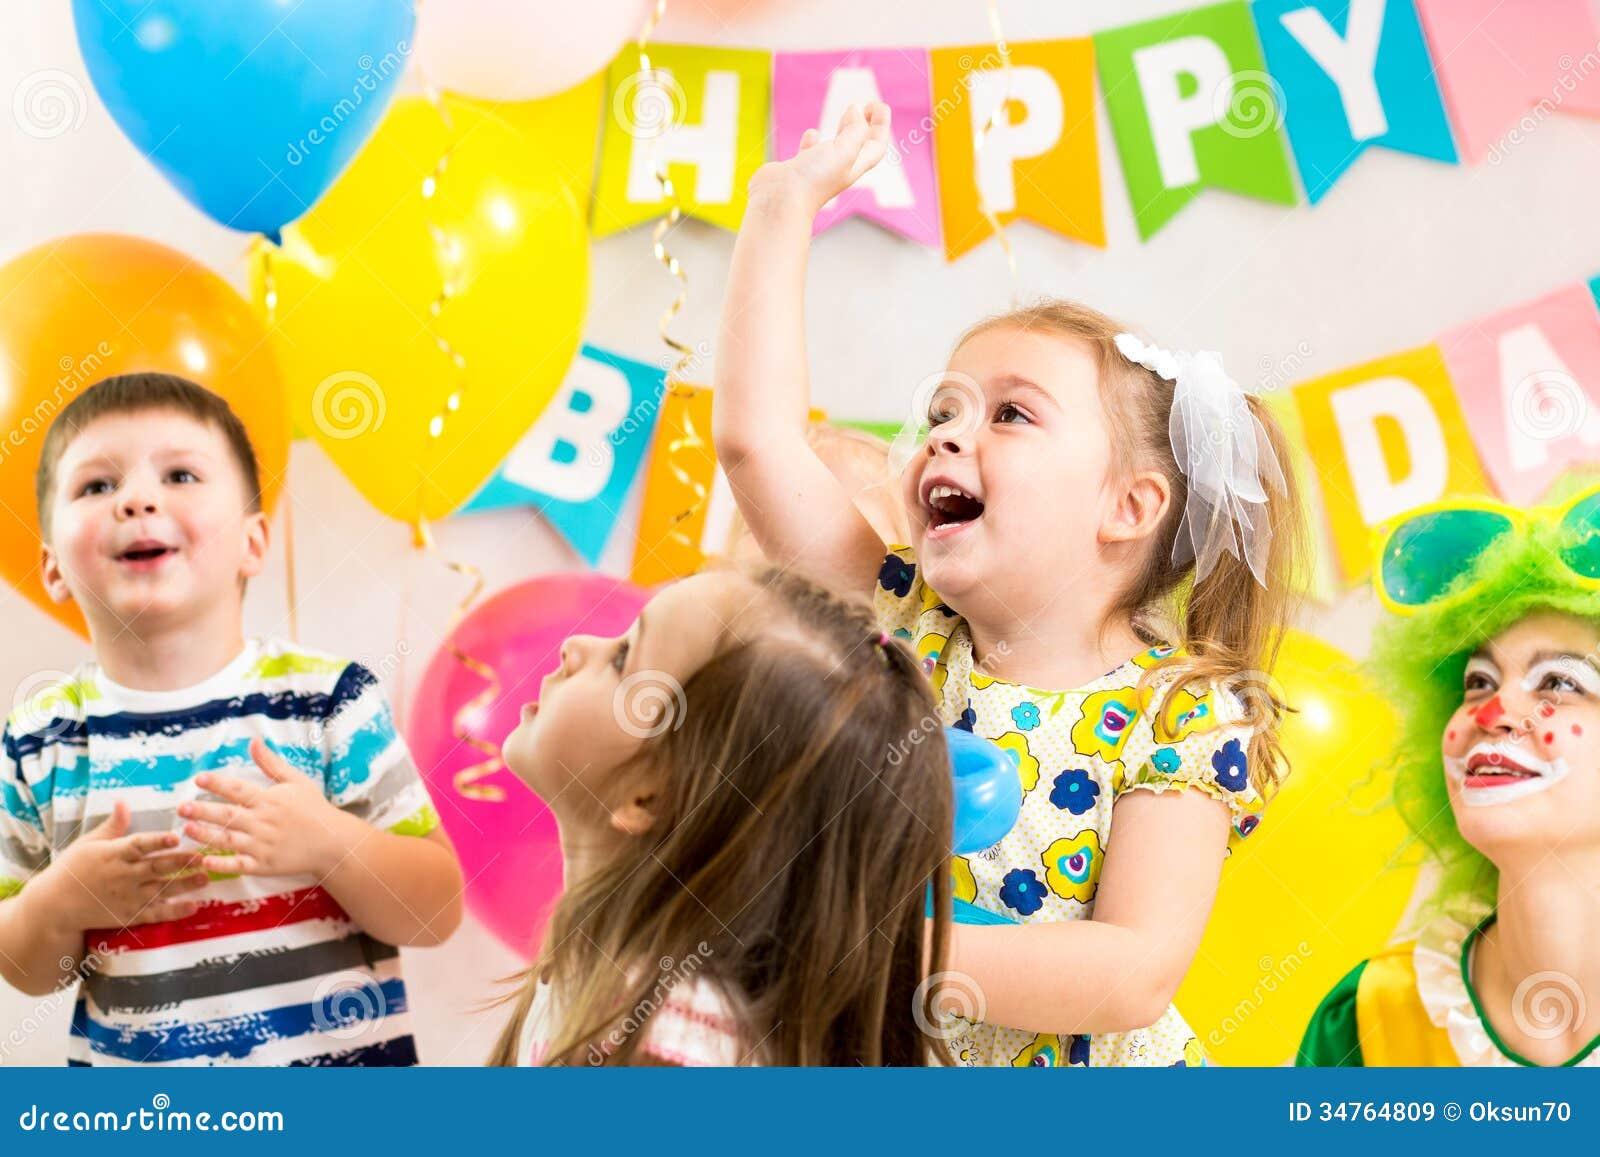 Glad ungegrupp som firar födelsedagpartiet